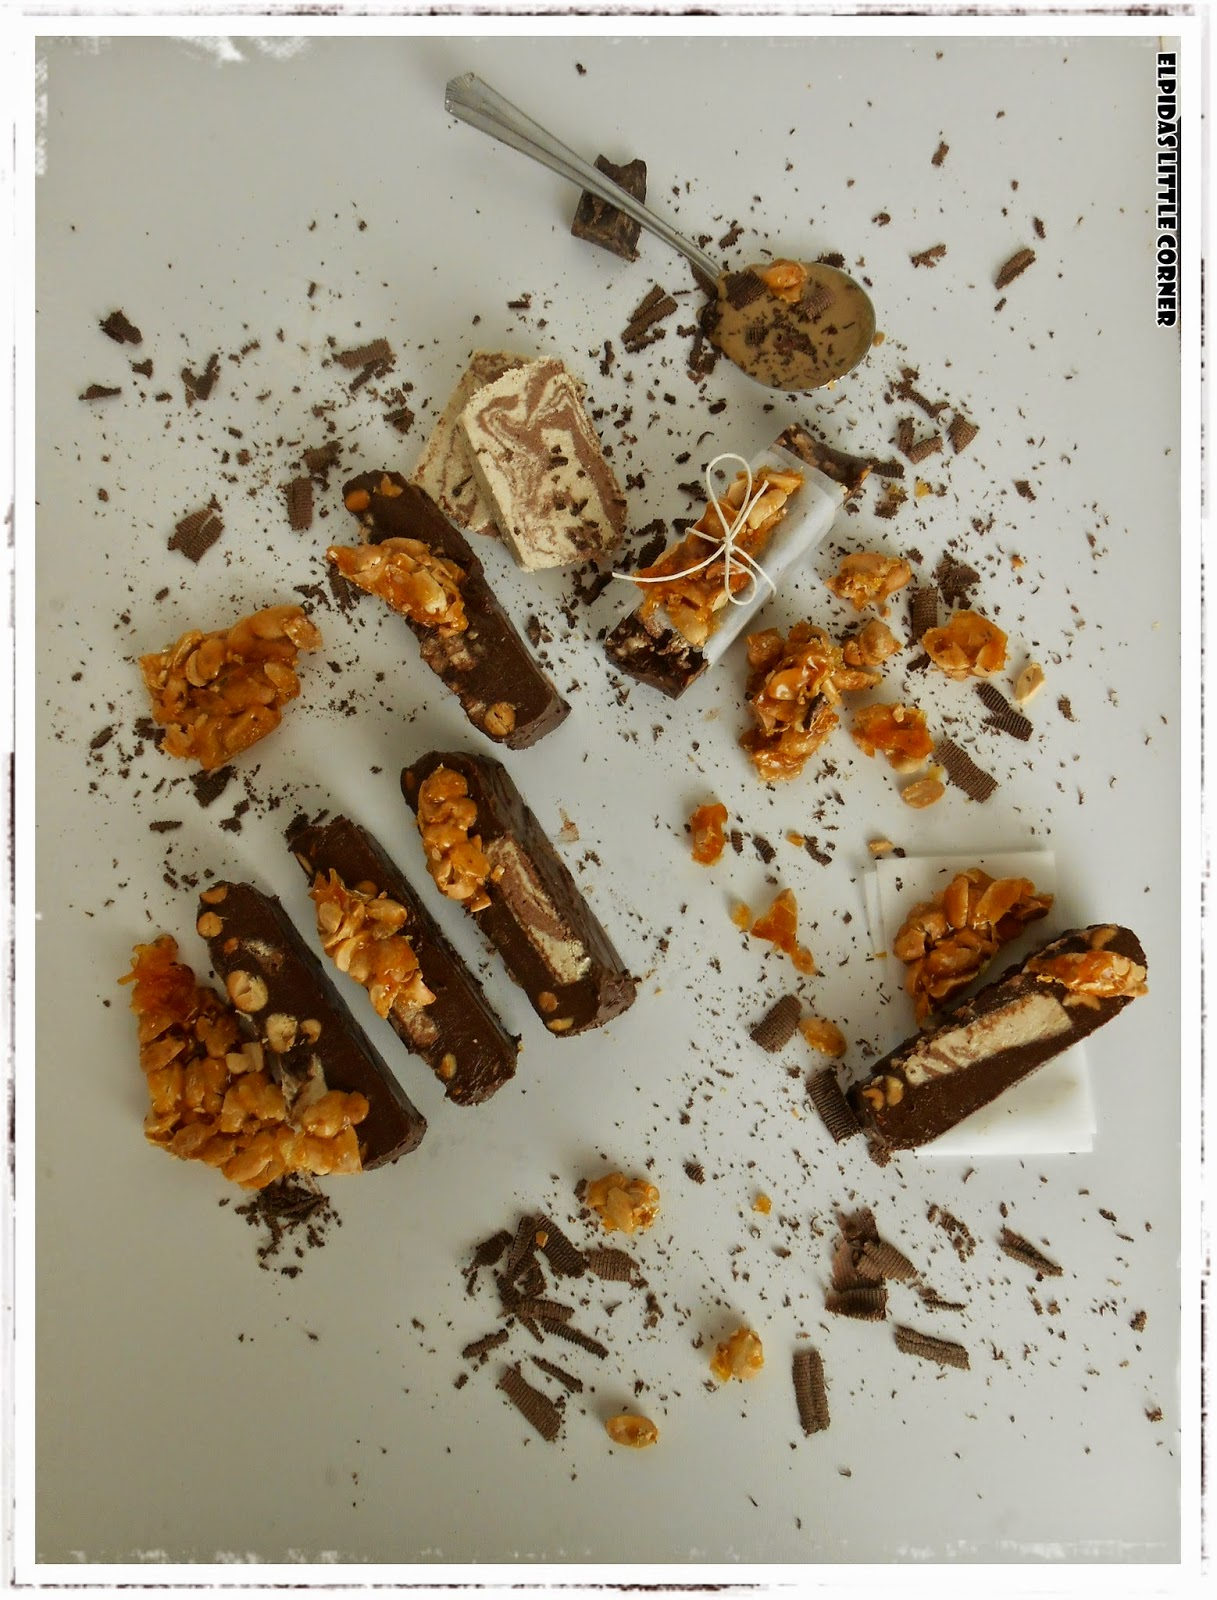 Νηστίσιμος Σοκολατοχαλβάς, της Ελπίδας Χαραλαμπίδου